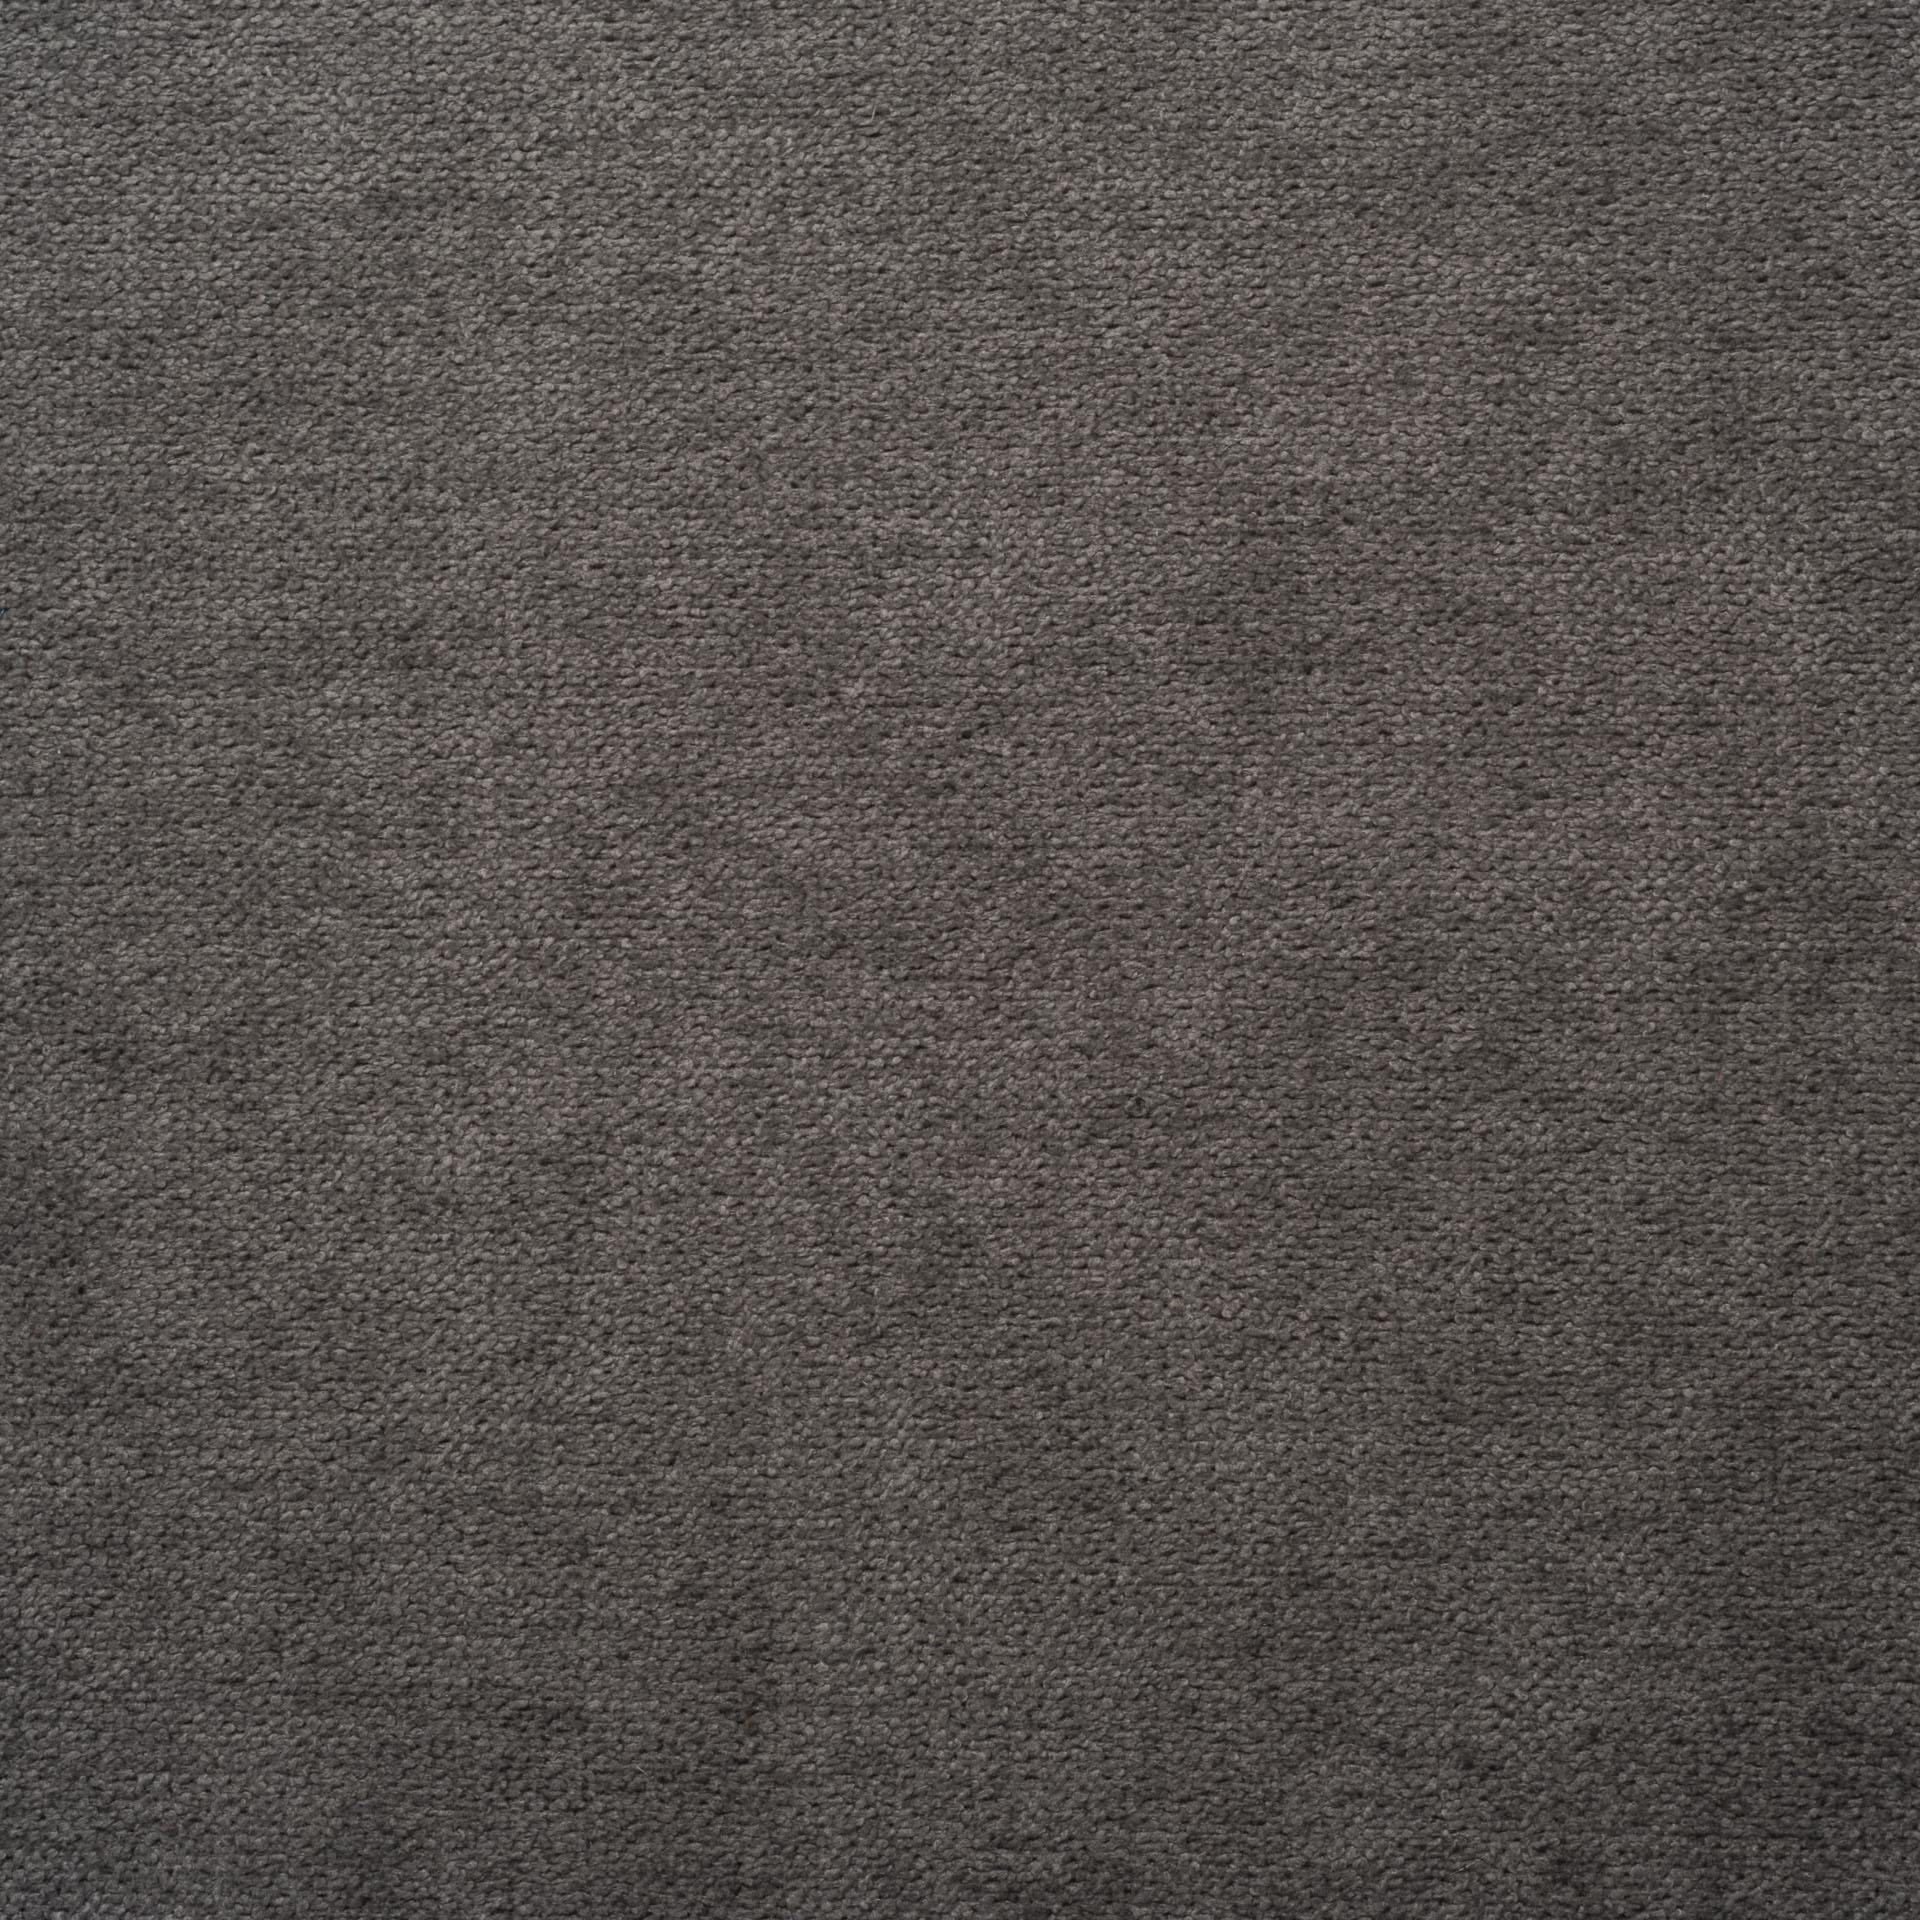 Коллекция ткани Аляска 05 SHARK,  купить ткань Жаккард для мебели Украина